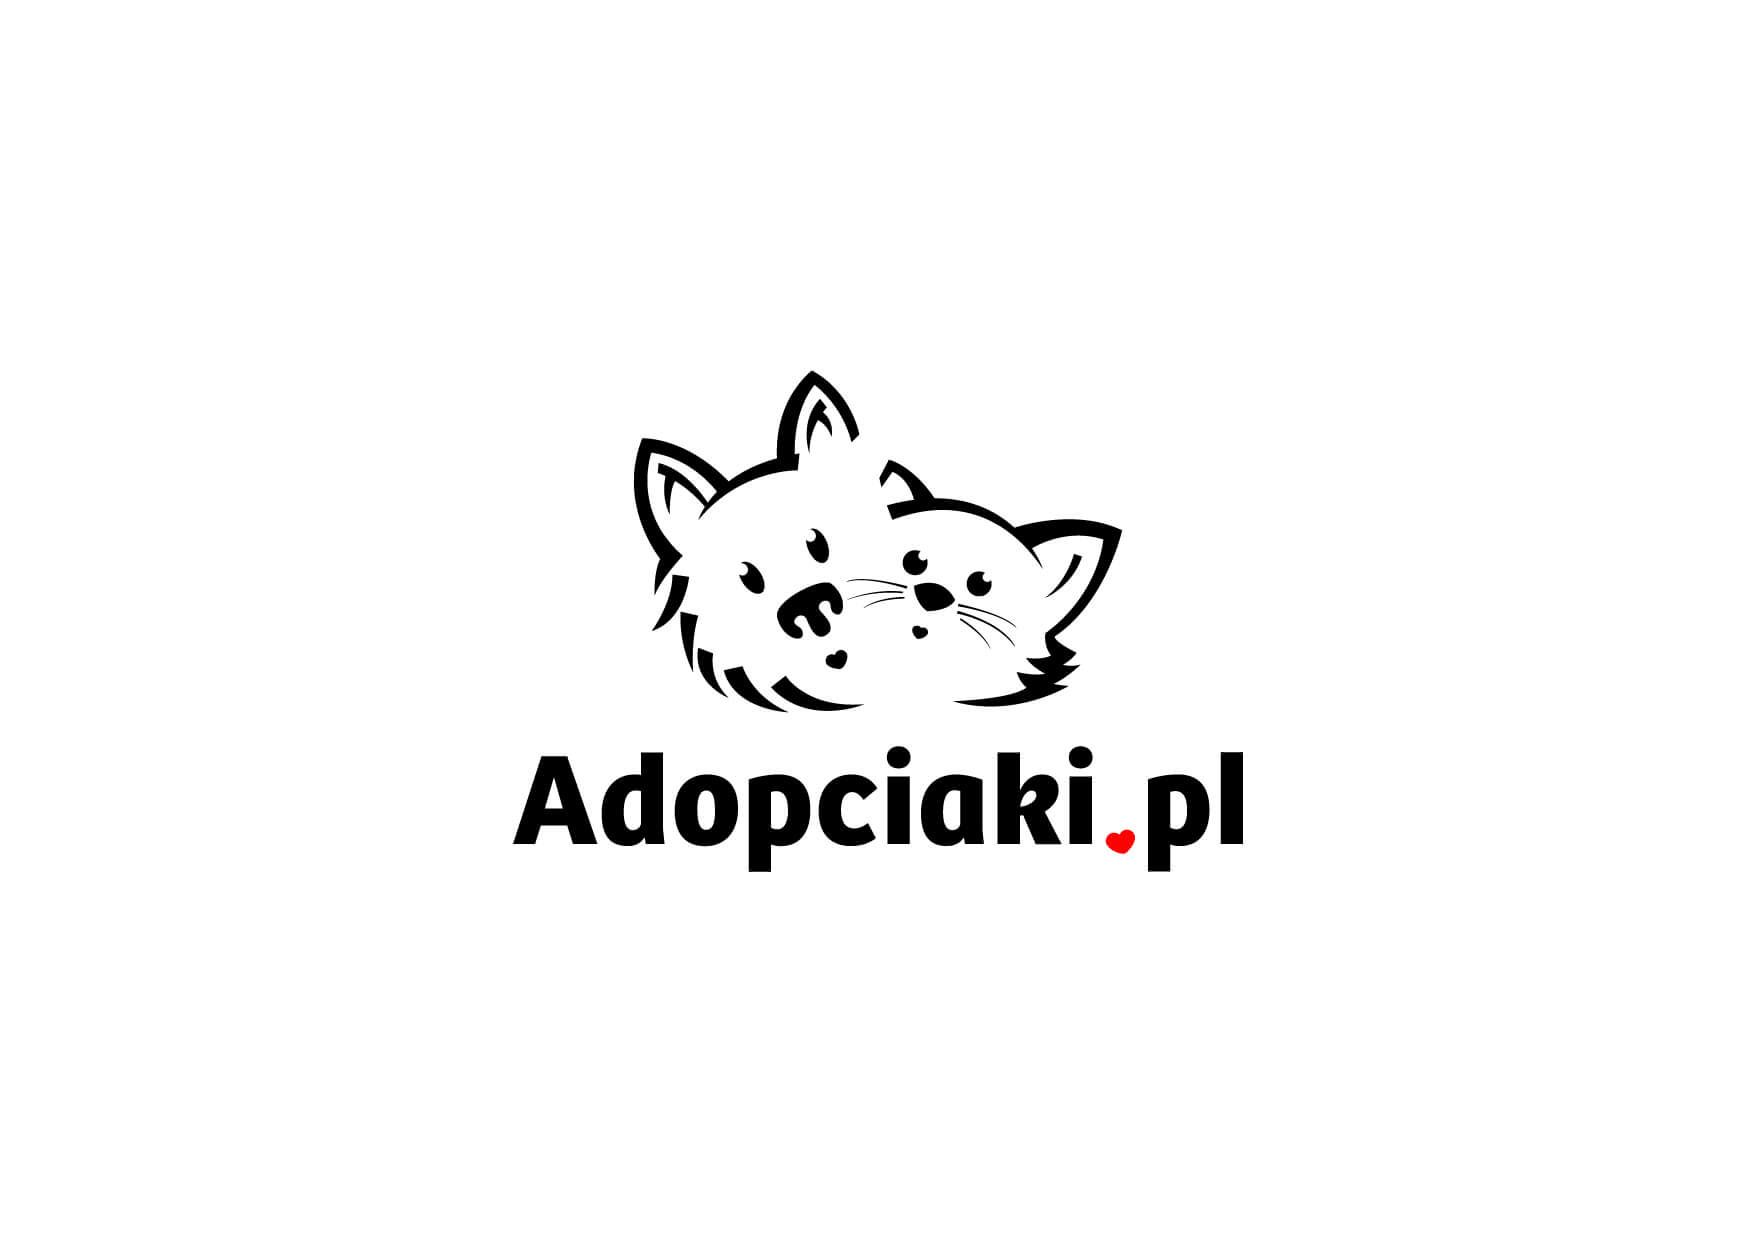 Logo Adopciaki.pl – Kraków